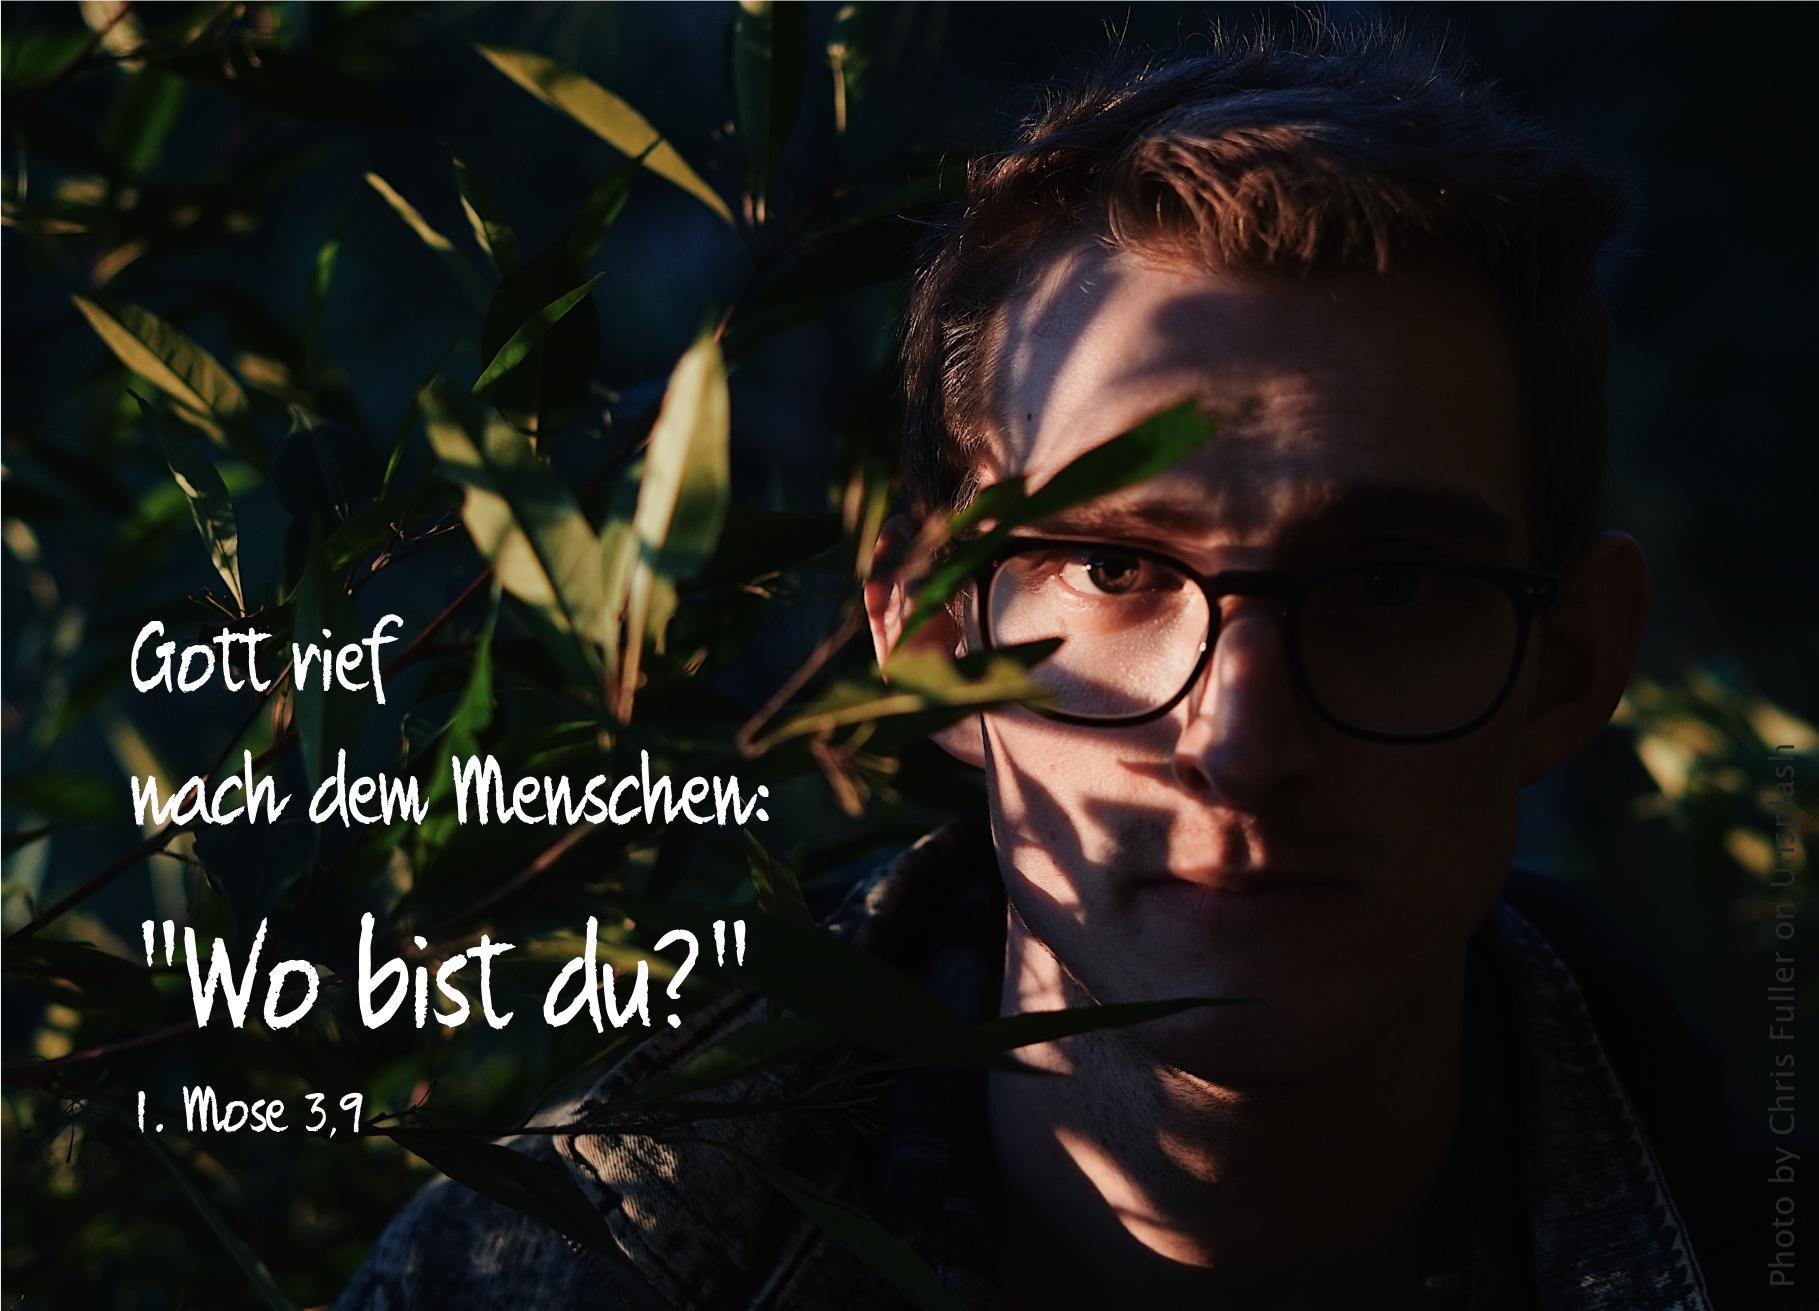 """alt=""""gesicht_von_jungem_mann_hinter_blaettern_erwartet_bibelhoerbuch_Kain_und_Abel"""""""